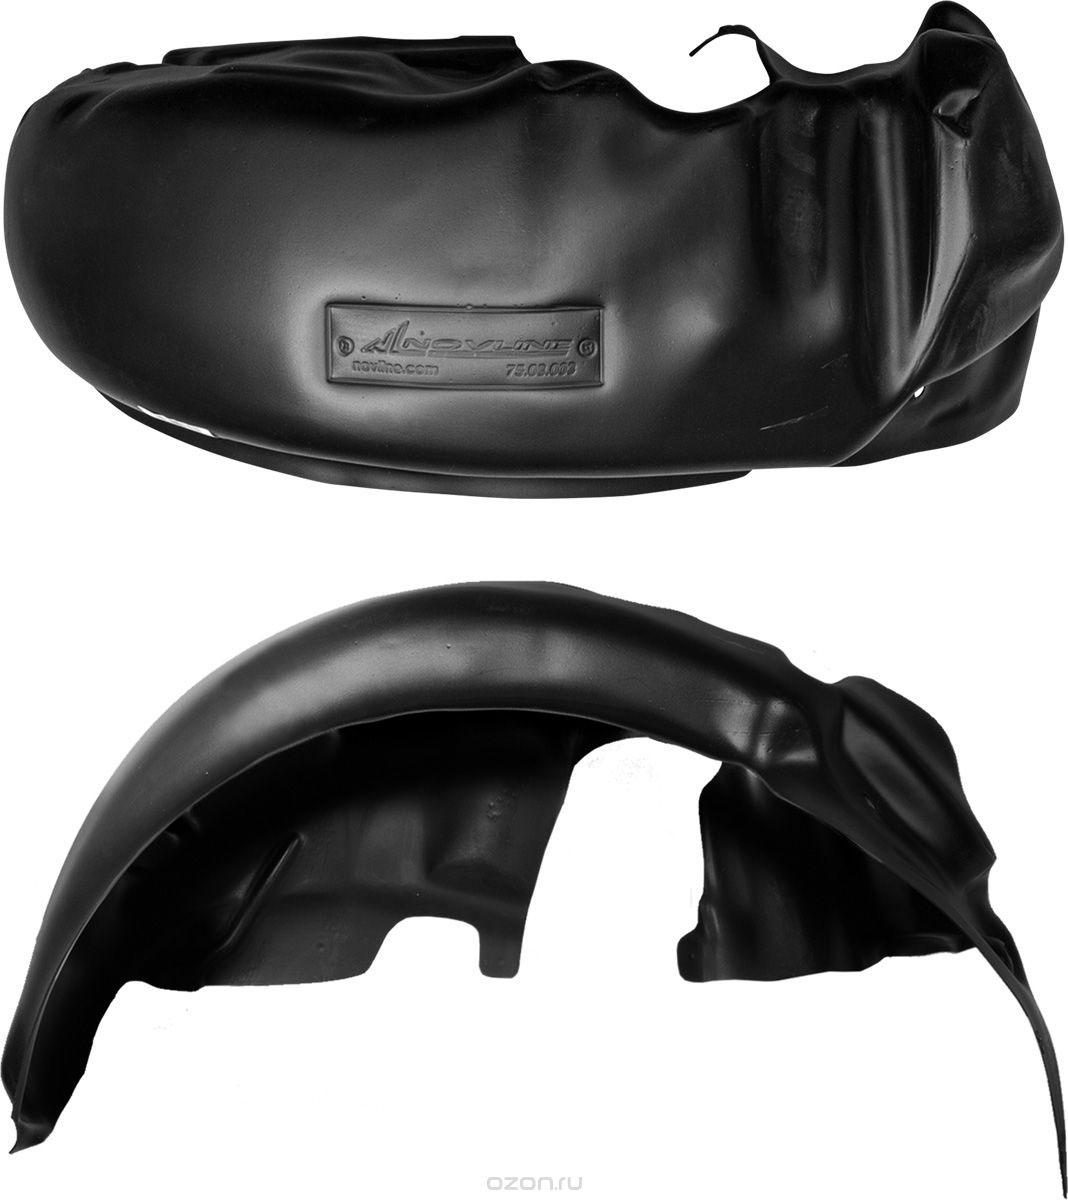 Подкрылок Novline-Autofamily, для DAEWOO Nexia 1995-2007, 2007->, передний правый002102Идеальная защита колесной ниши. Локеры разработаны с применением цифровых технологий, гарантируют максимальную повторяемость поверхности арки. Изделия устанавливаются без нарушения лакокрасочного покрытия автомобиля, каждый подкрылок комплектуется крепежом. Уважаемые клиенты, обращаем ваше внимание, что фотографии на подкрылки универсальные и не отражают реальную форму изделия. При этом само изделие идет точно под размер указанного автомобиля.